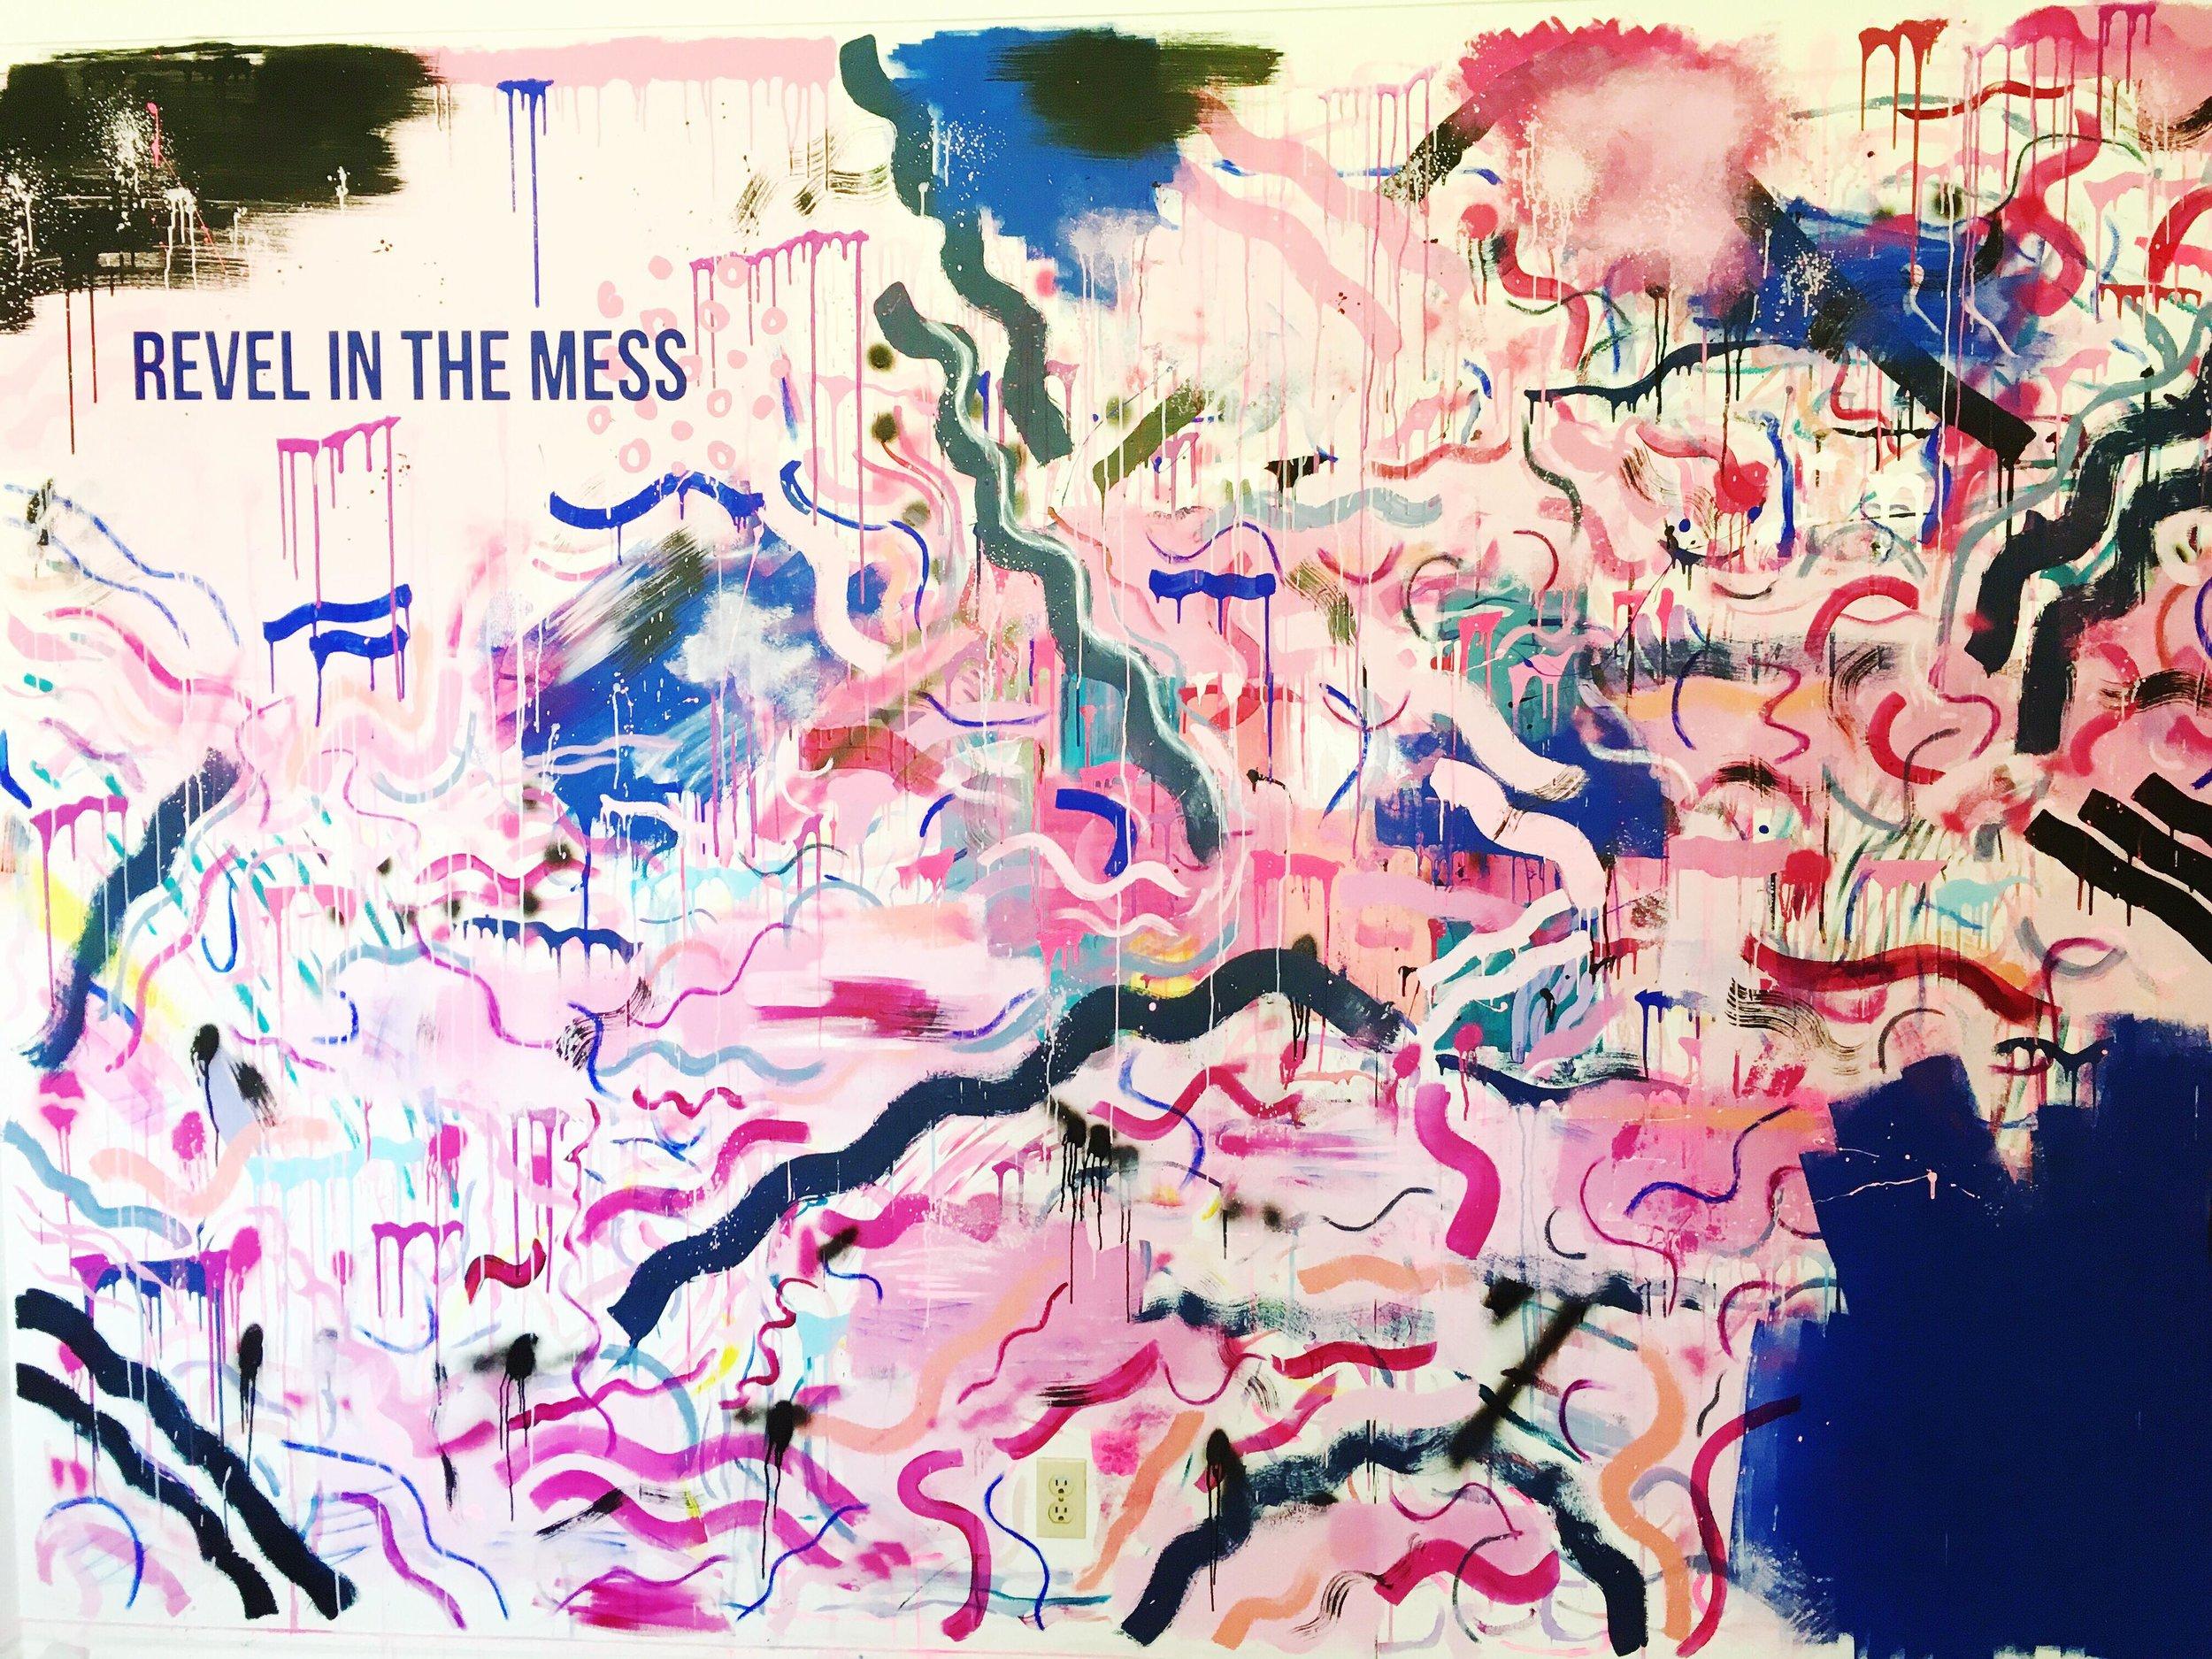 abstract art mural.jpg